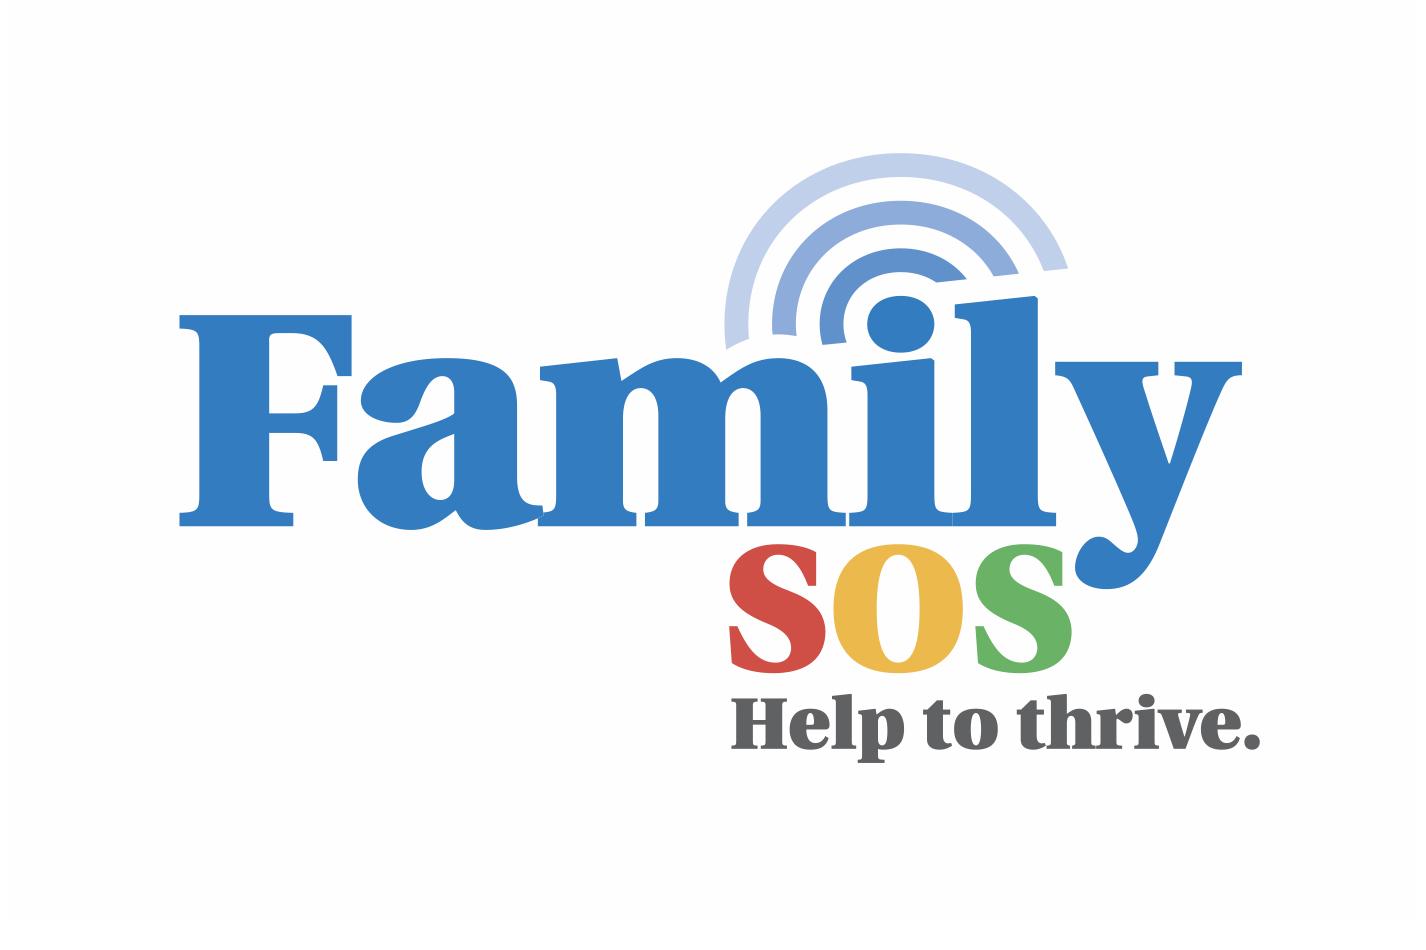 Family SOS Full Colour Logo copy1.jpg